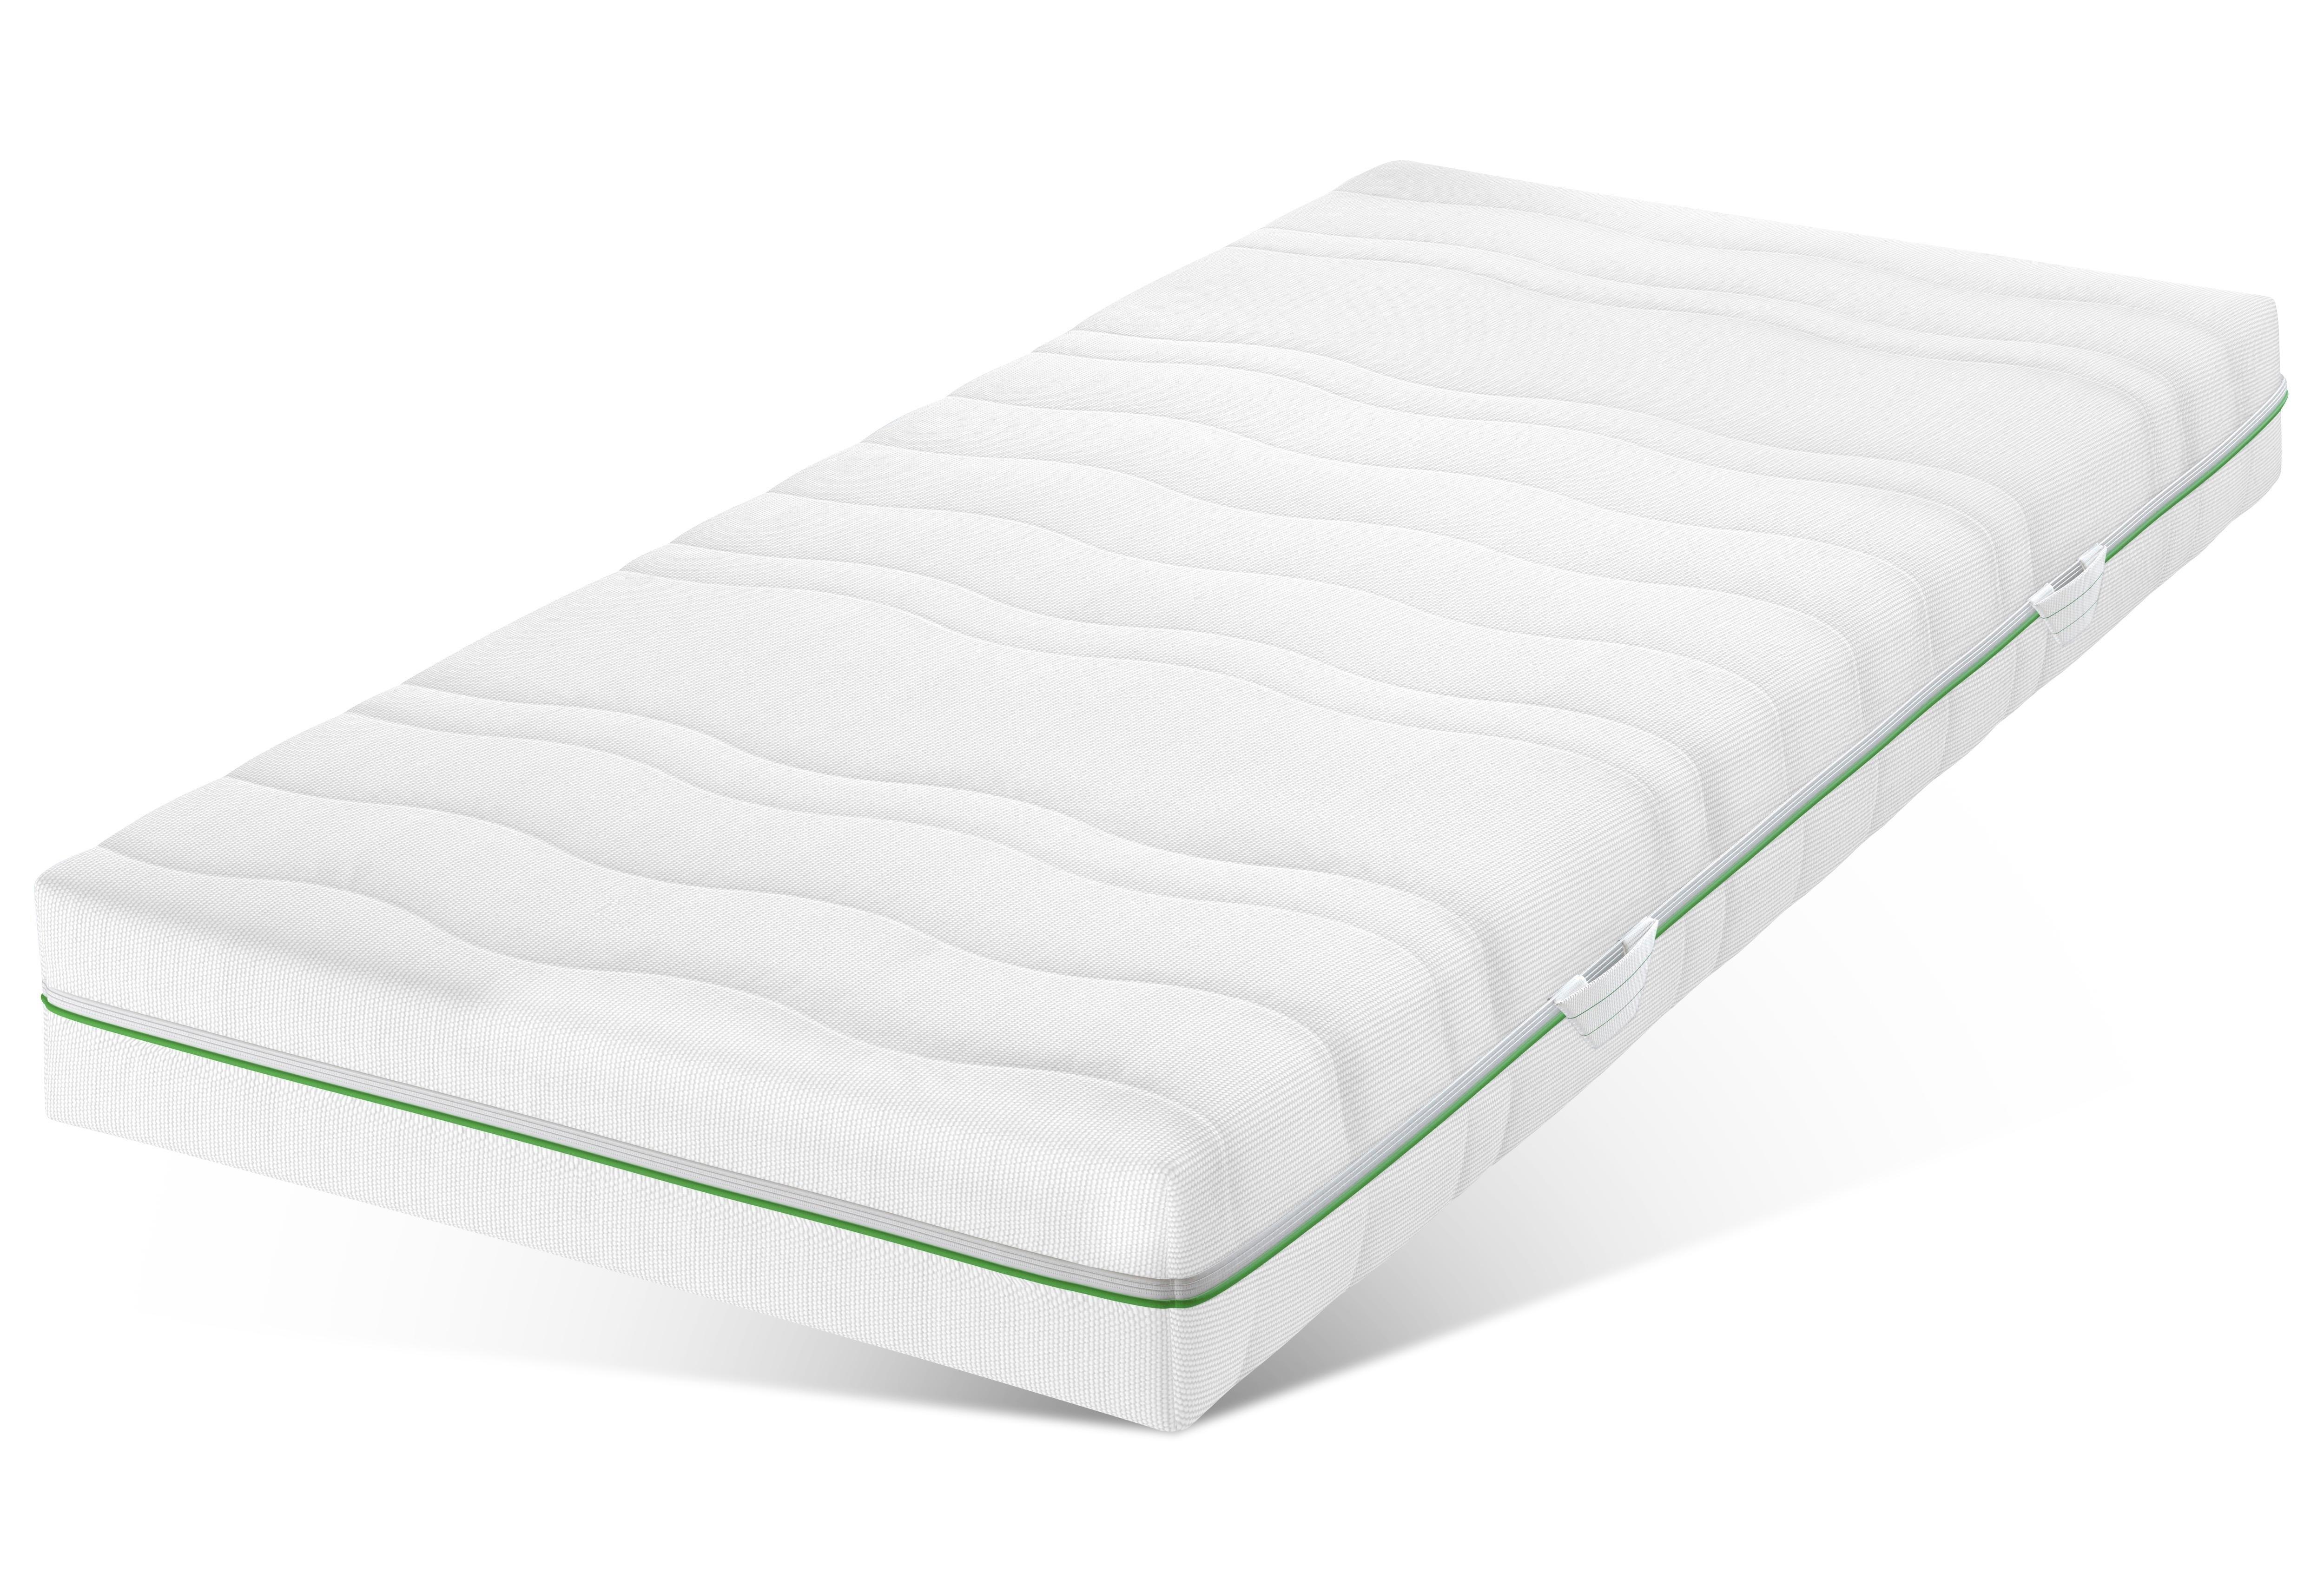 bultex koudschuimmatras highway 180 comfeel plus. Black Bedroom Furniture Sets. Home Design Ideas